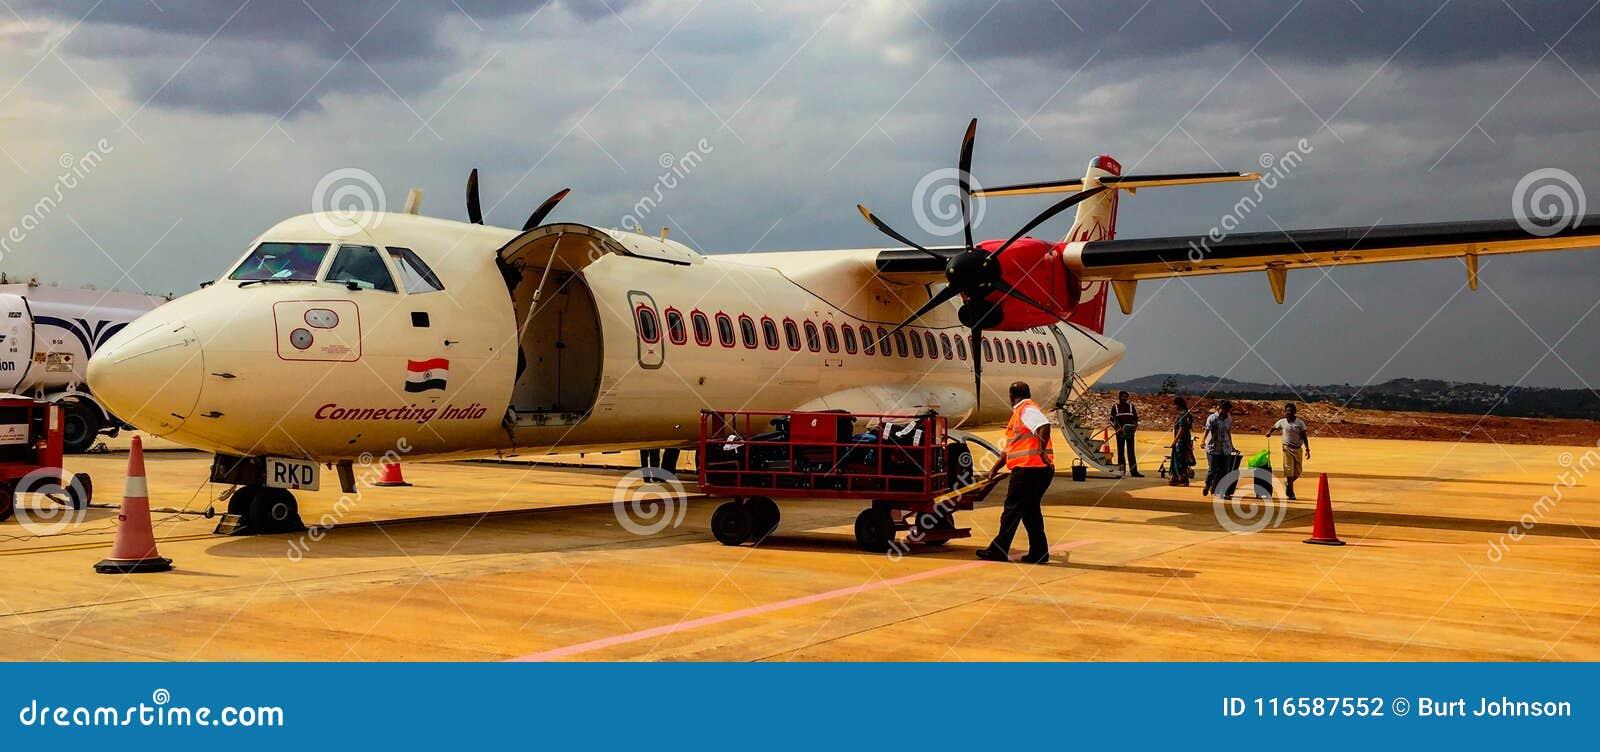 Turboladdarestöttaflygplanet sitter på grov asfaltbeläggningpäfyllningspassagerare och luggag